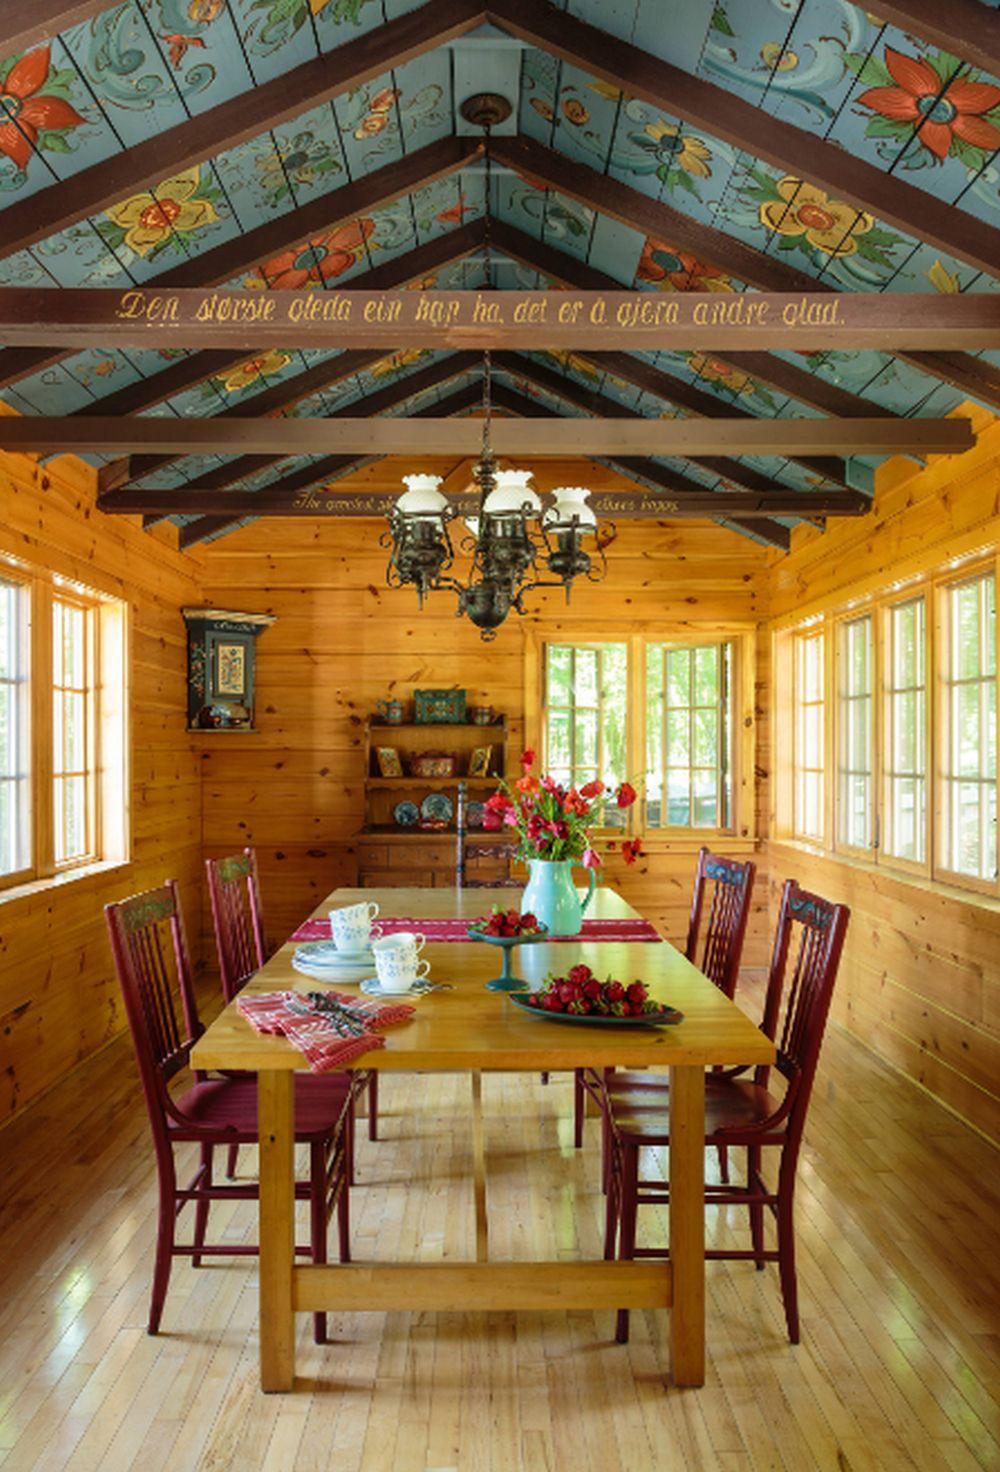 adelaparvu.com despre cabana rustica cu picturi scandinave, design Virge Temme Architecture, Foto Mark Lohmann (6)